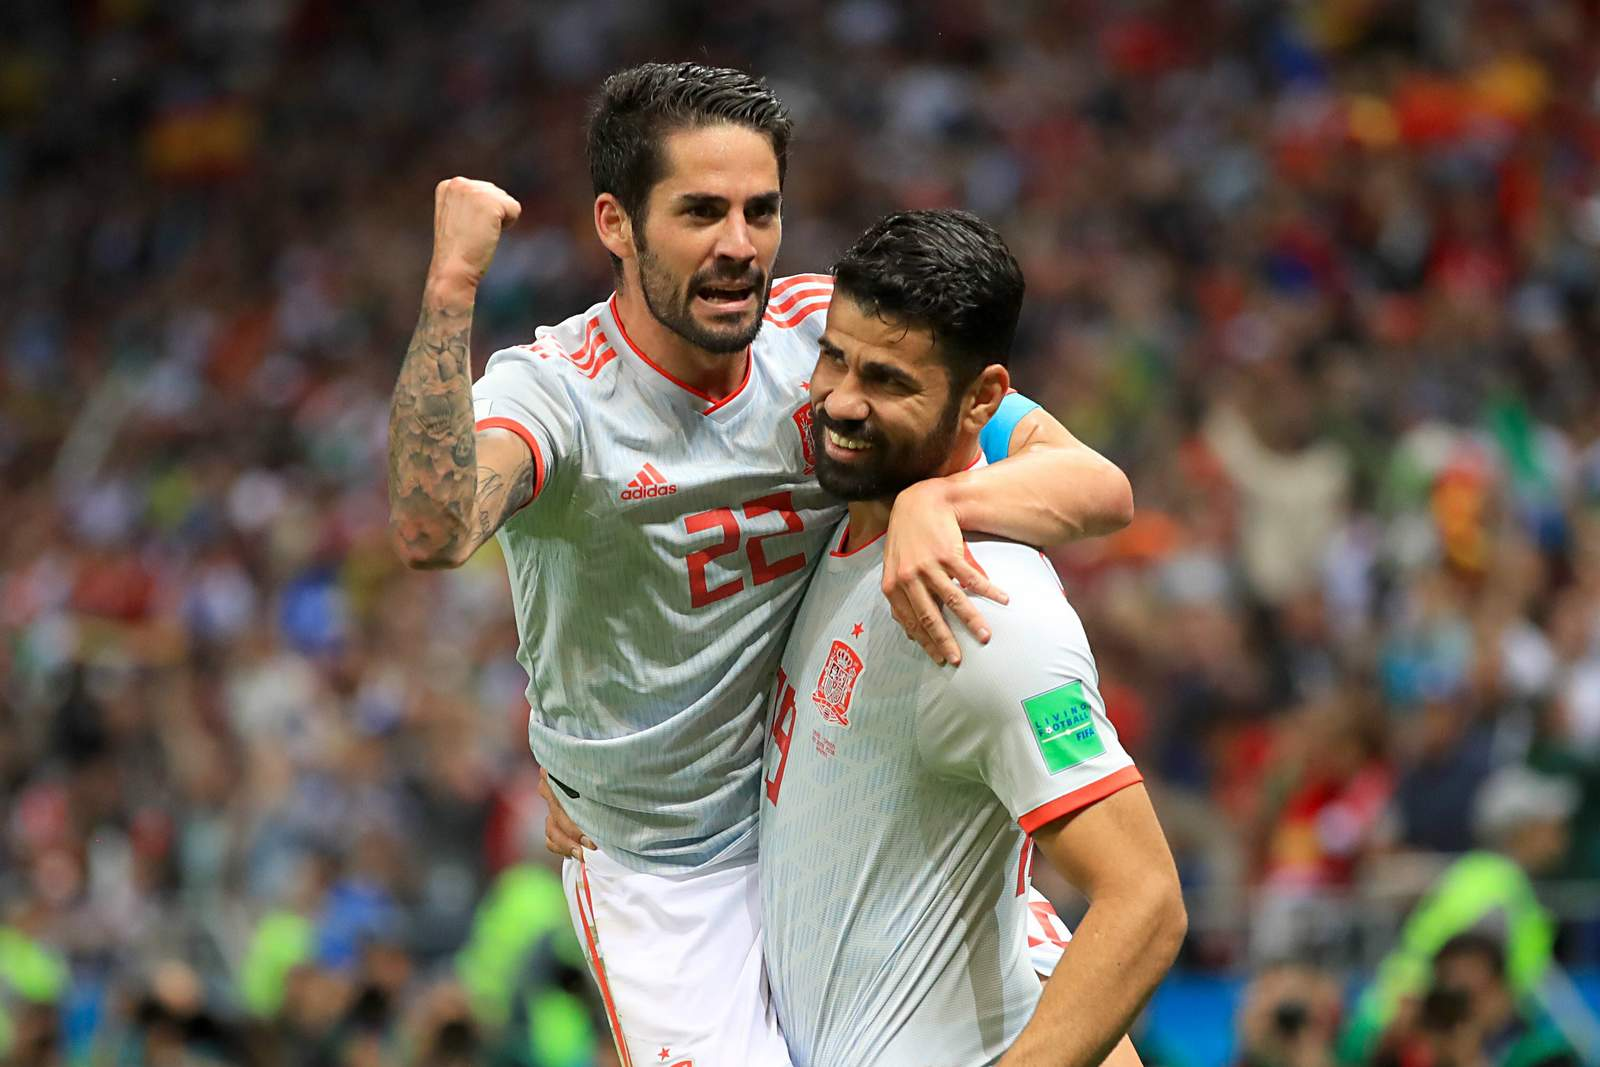 Isco und Diego Costa freuen sich über ein Tor. Jetzt auf Spanien gegen Marokko wetten.